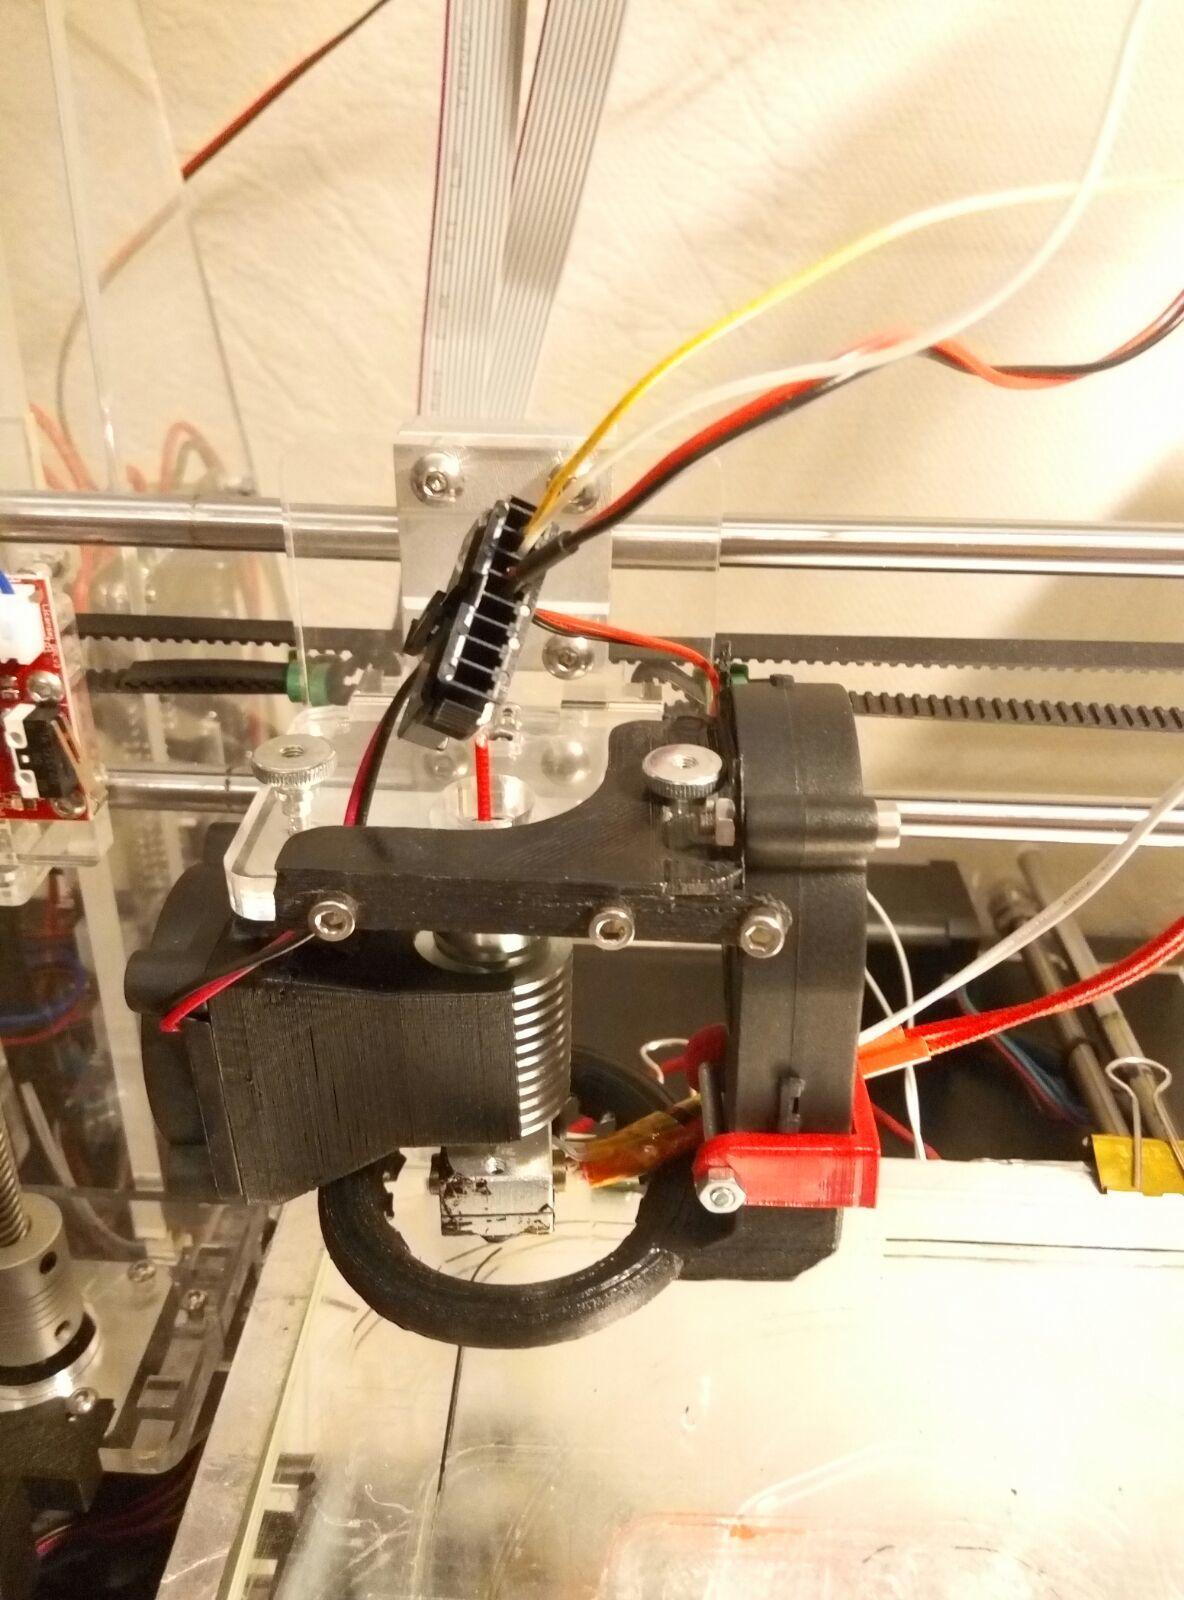 Конструктор 3D-принтера от SUNHOKEY в процессе эксплуатации (часть вторая) - 20